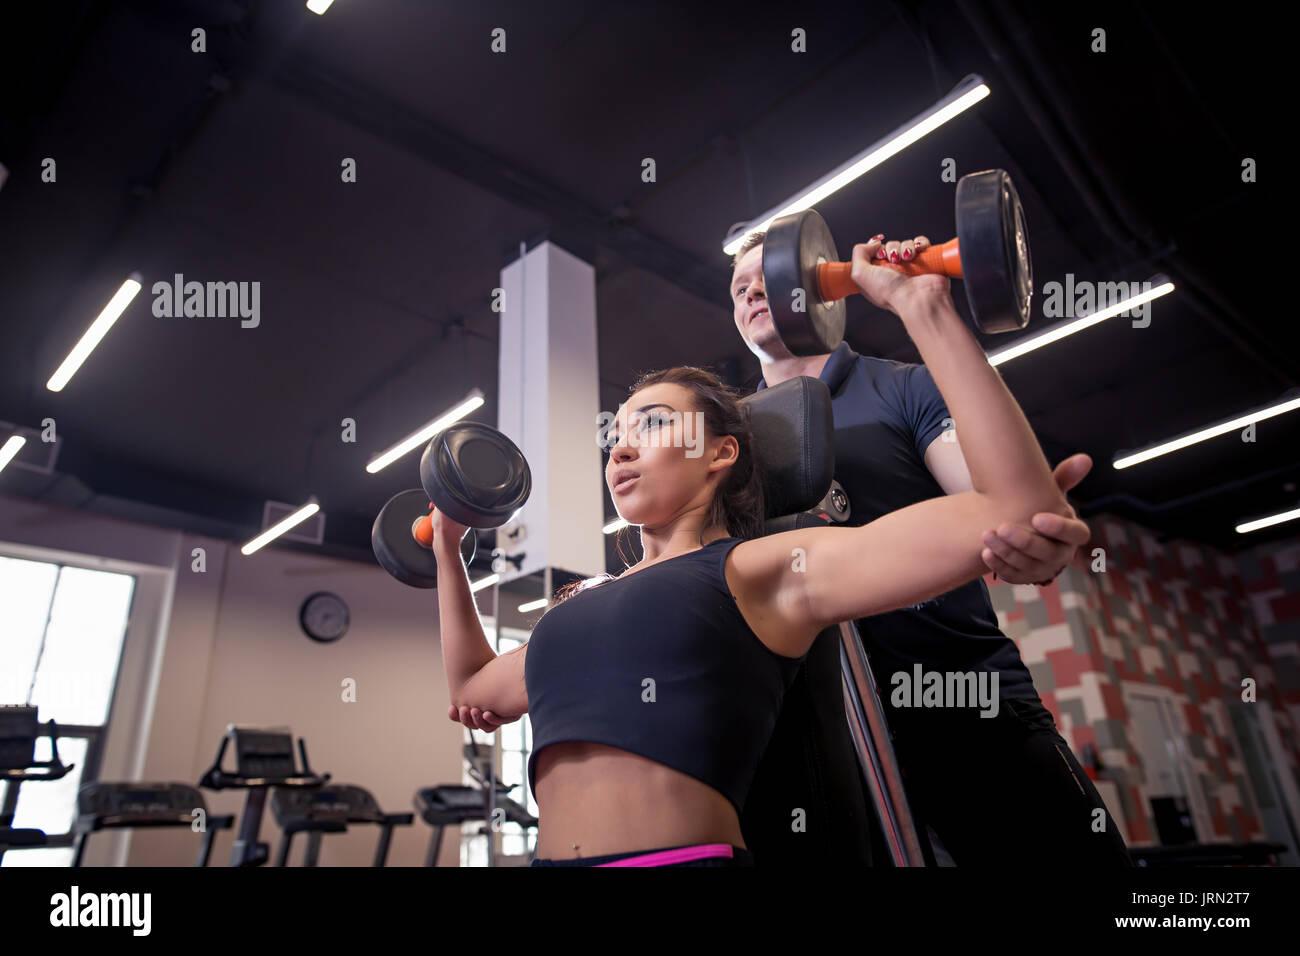 Palestra donna personal trainer uomo con peso di apparecchiature per il training Foto Stock